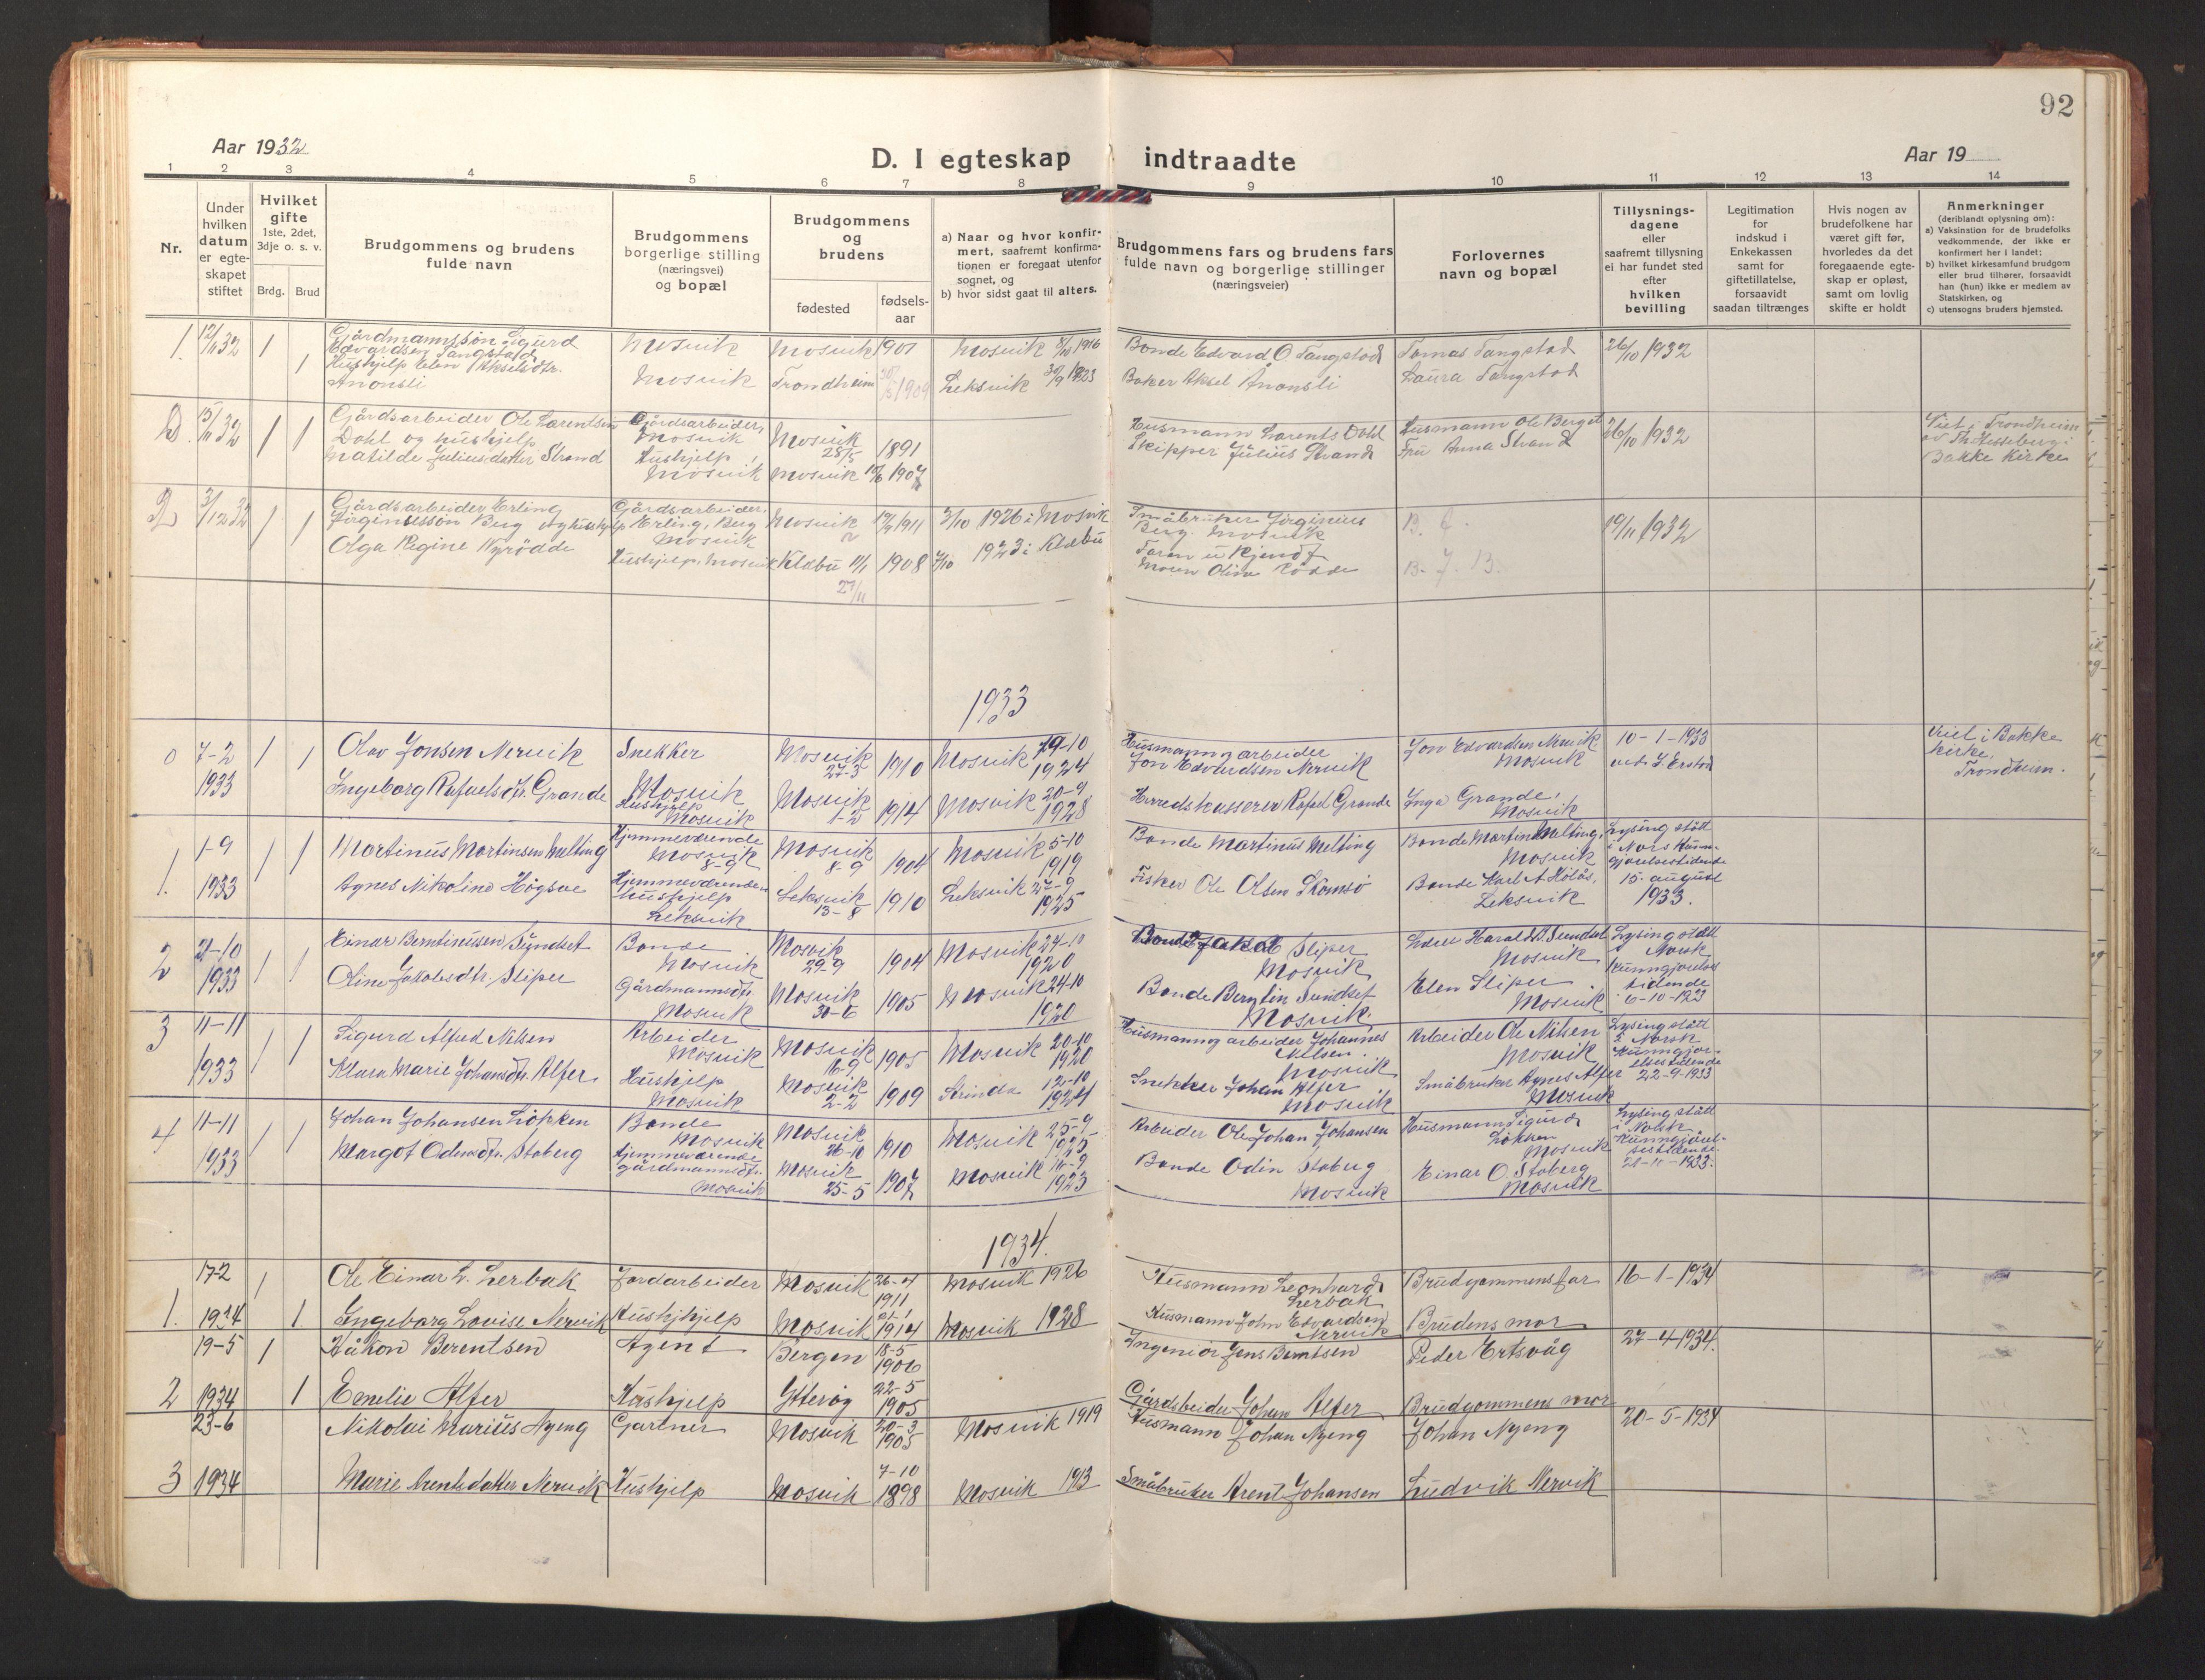 SAT, Ministerialprotokoller, klokkerbøker og fødselsregistre - Nord-Trøndelag, 733/L0328: Klokkerbok nr. 733C03, 1919-1966, s. 92